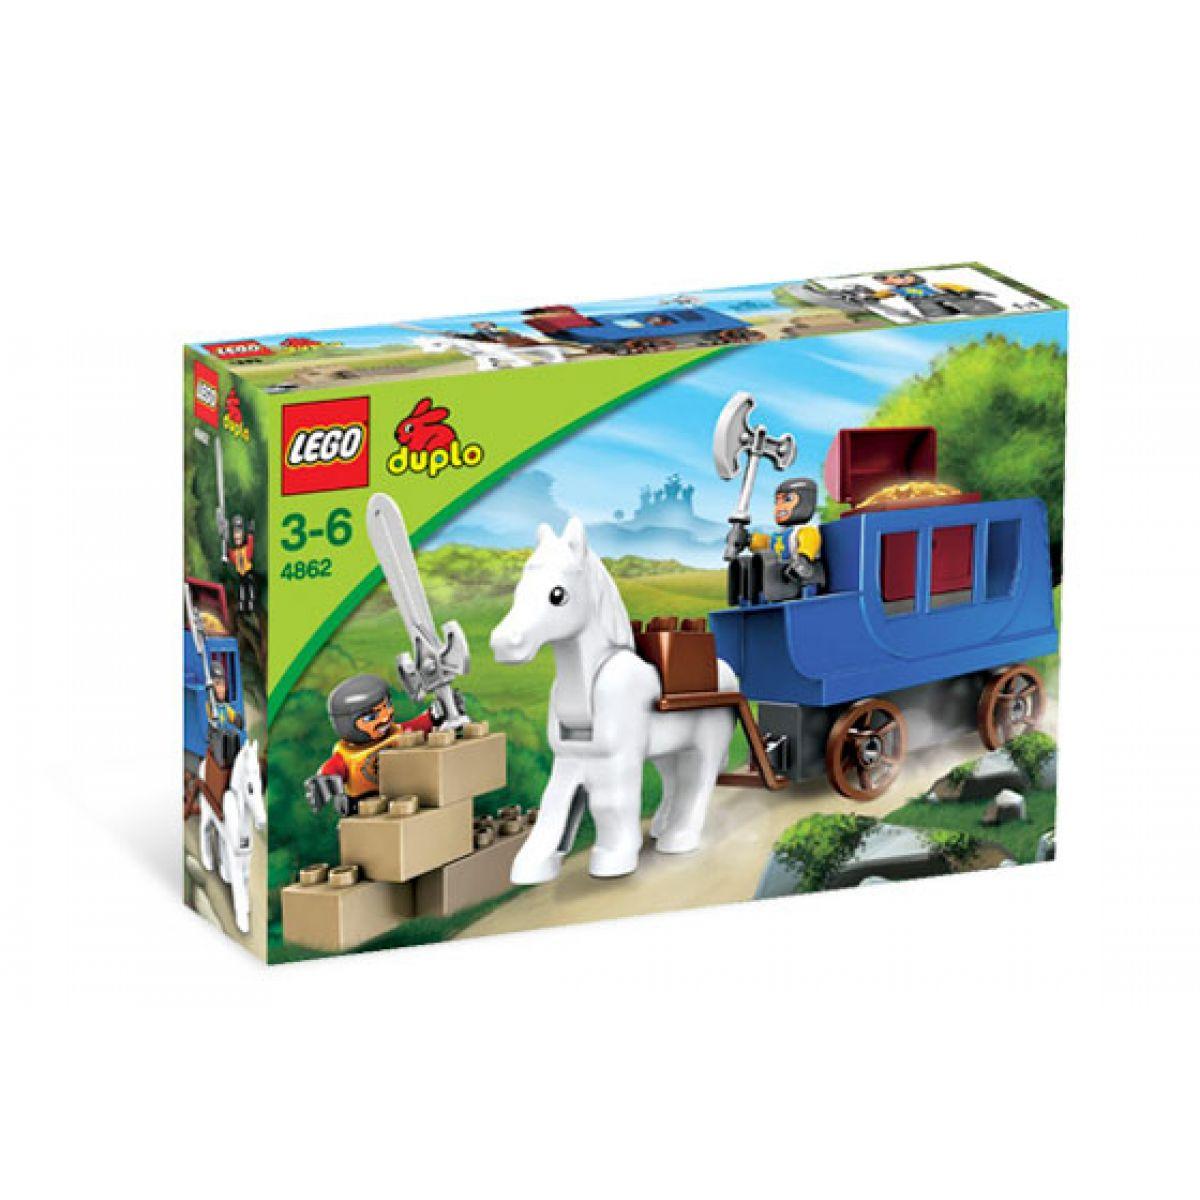 LEGO DUPLO Hrady - Přepadení #2